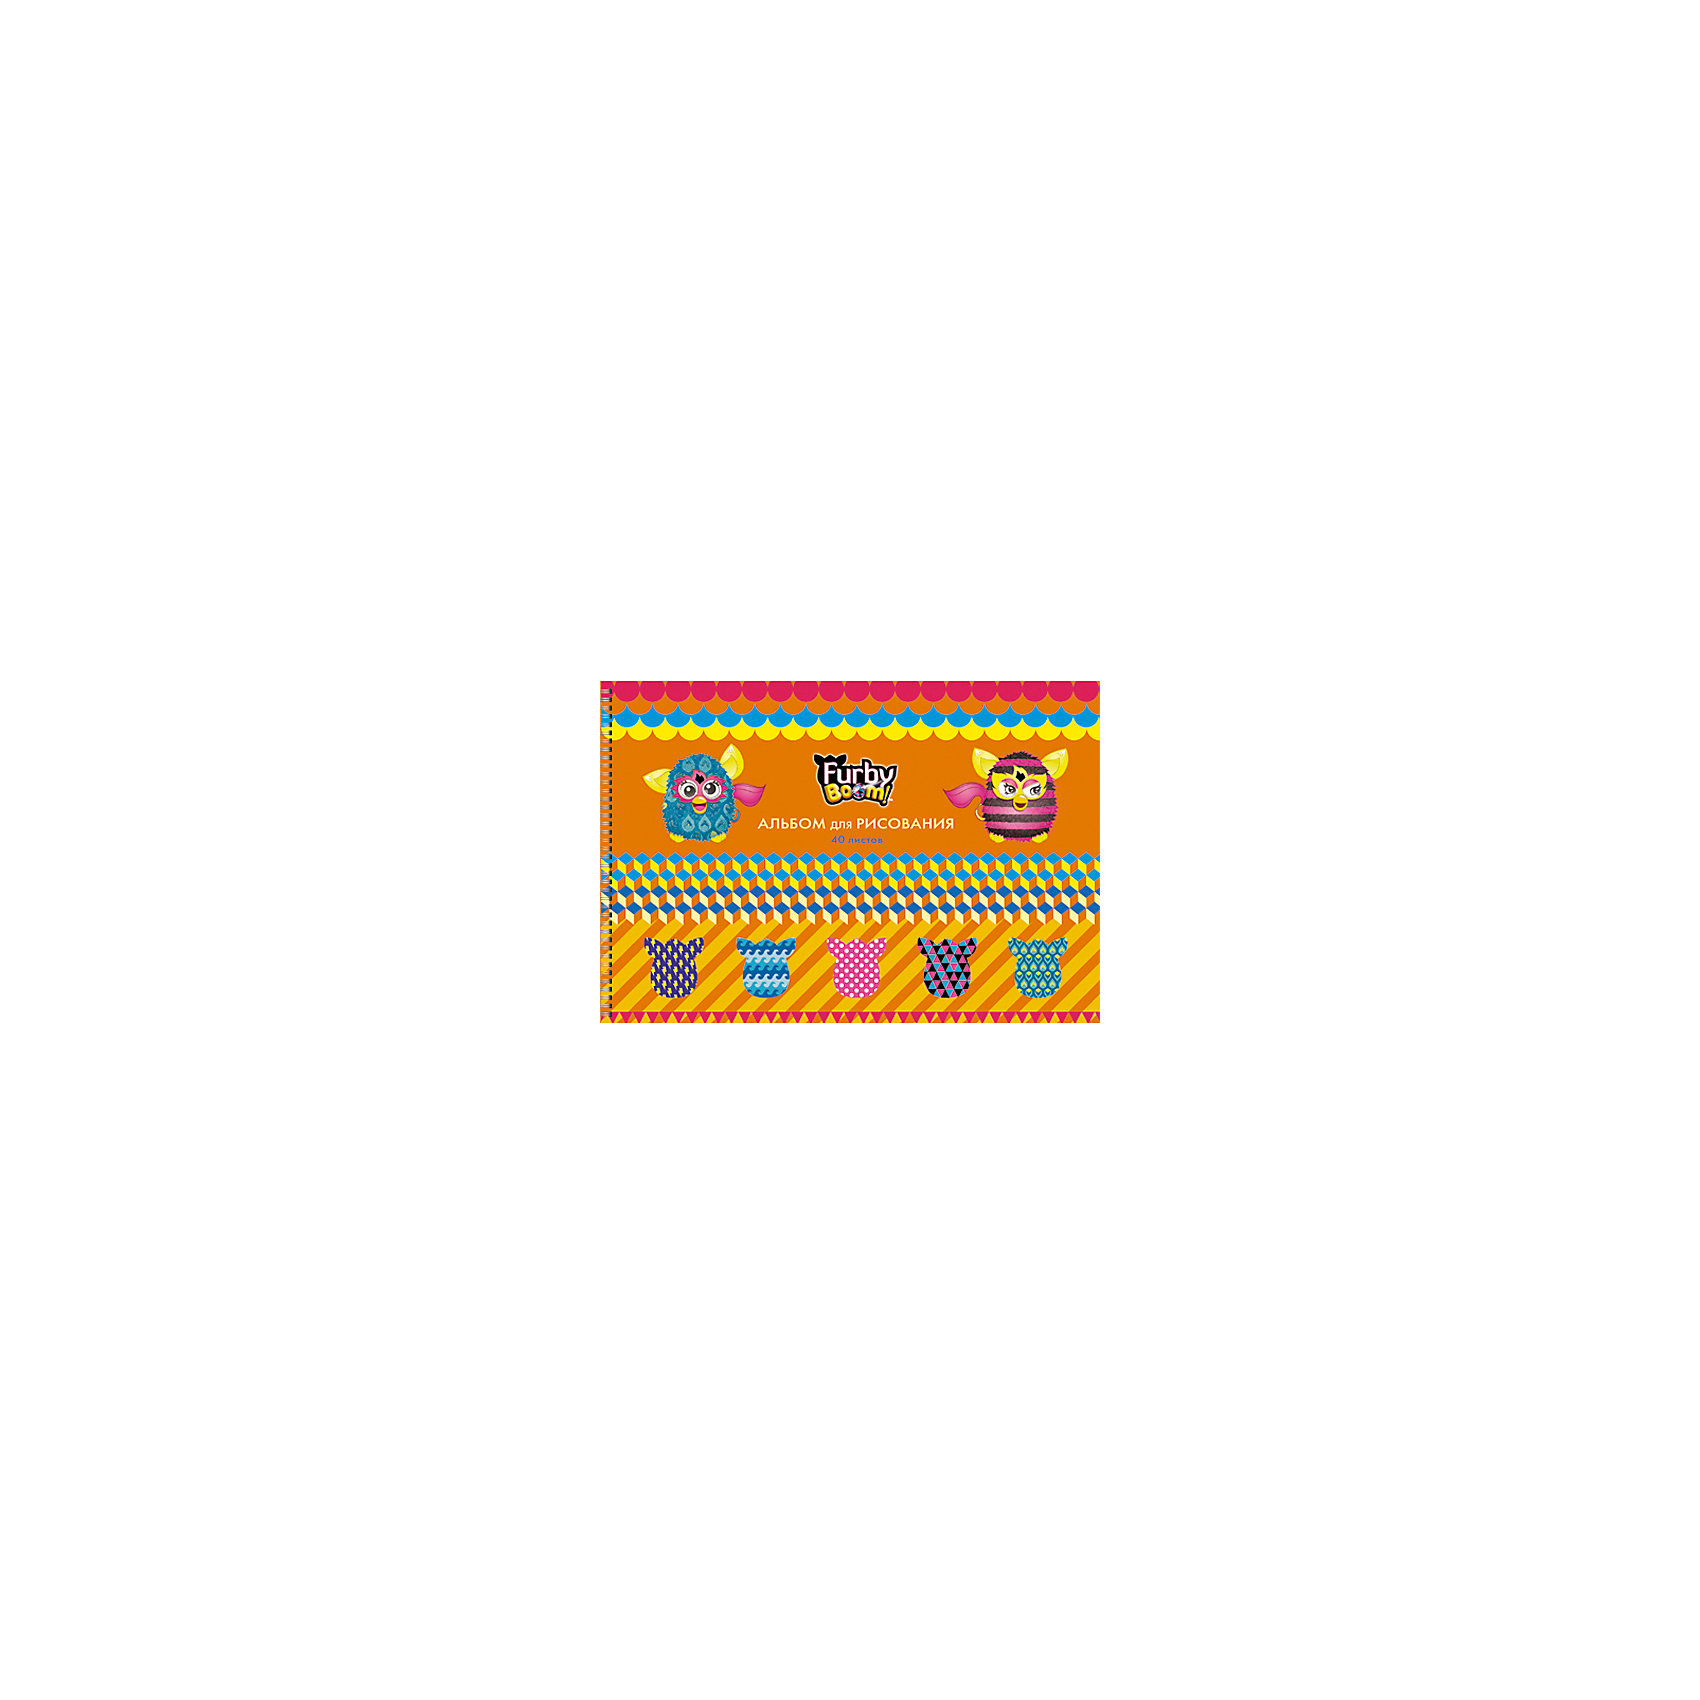 Альбом для рисования Оранжевое настроение, 40лАльбом для рисования Оранжевое настроение с любимыми Ферби на обложке привлекут внимание и вызовут интерес к творчеству. Рисование хорошо развивает аккуратность, усидчивость и художественные навыки. Альбом из плотной бумаги с привлекательной обложкой - то, что нужно для первых картин будущего художника!<br><br>Дополнительная информация:<br>Количество листов: 40<br>Скрепление: спираль<br>Обложка: мелованный картон, твин.лак<br>Бумага: офсет, плотностью 110 г/м2<br>Альбом для рисования Оранжевое настроение вы можете приобрести в нашем интернет-магазине.<br><br>Ширина мм: 210<br>Глубина мм: 297<br>Высота мм: 13<br>Вес г: 266<br>Возраст от месяцев: 72<br>Возраст до месяцев: 144<br>Пол: Унисекс<br>Возраст: Детский<br>SKU: 4942448